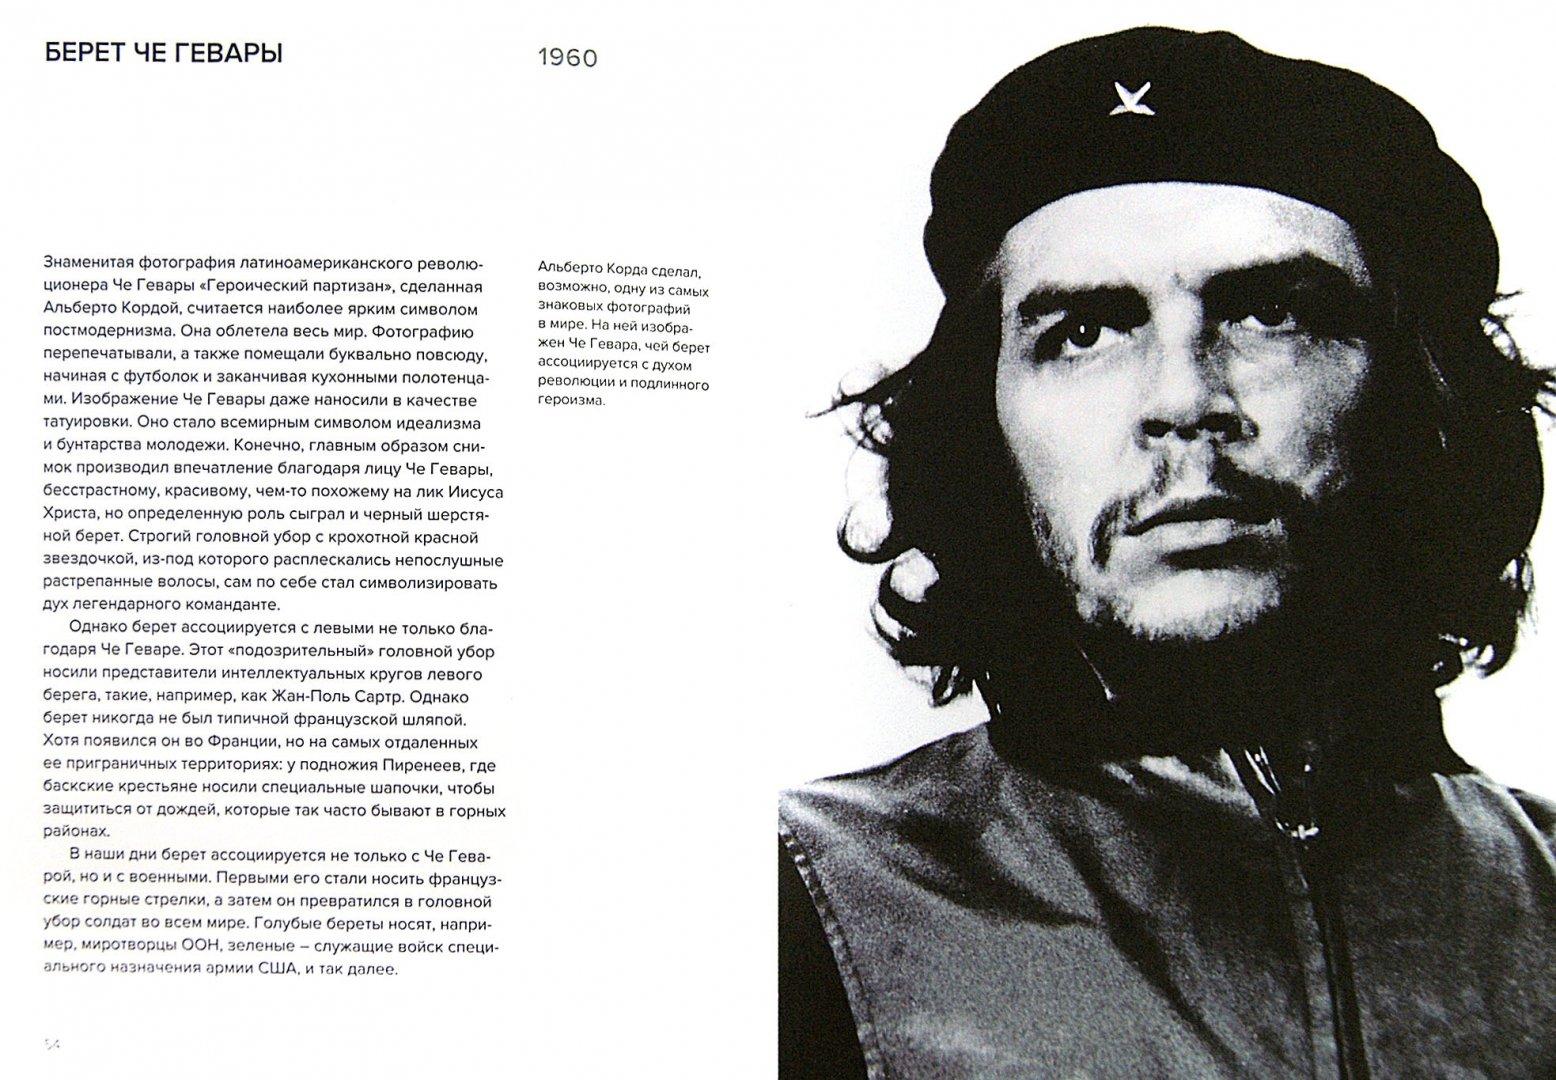 Иллюстрация 1 из 2 для 50 шляп, которые изменили мир - Роберт Андерсон | Лабиринт - книги. Источник: Лабиринт